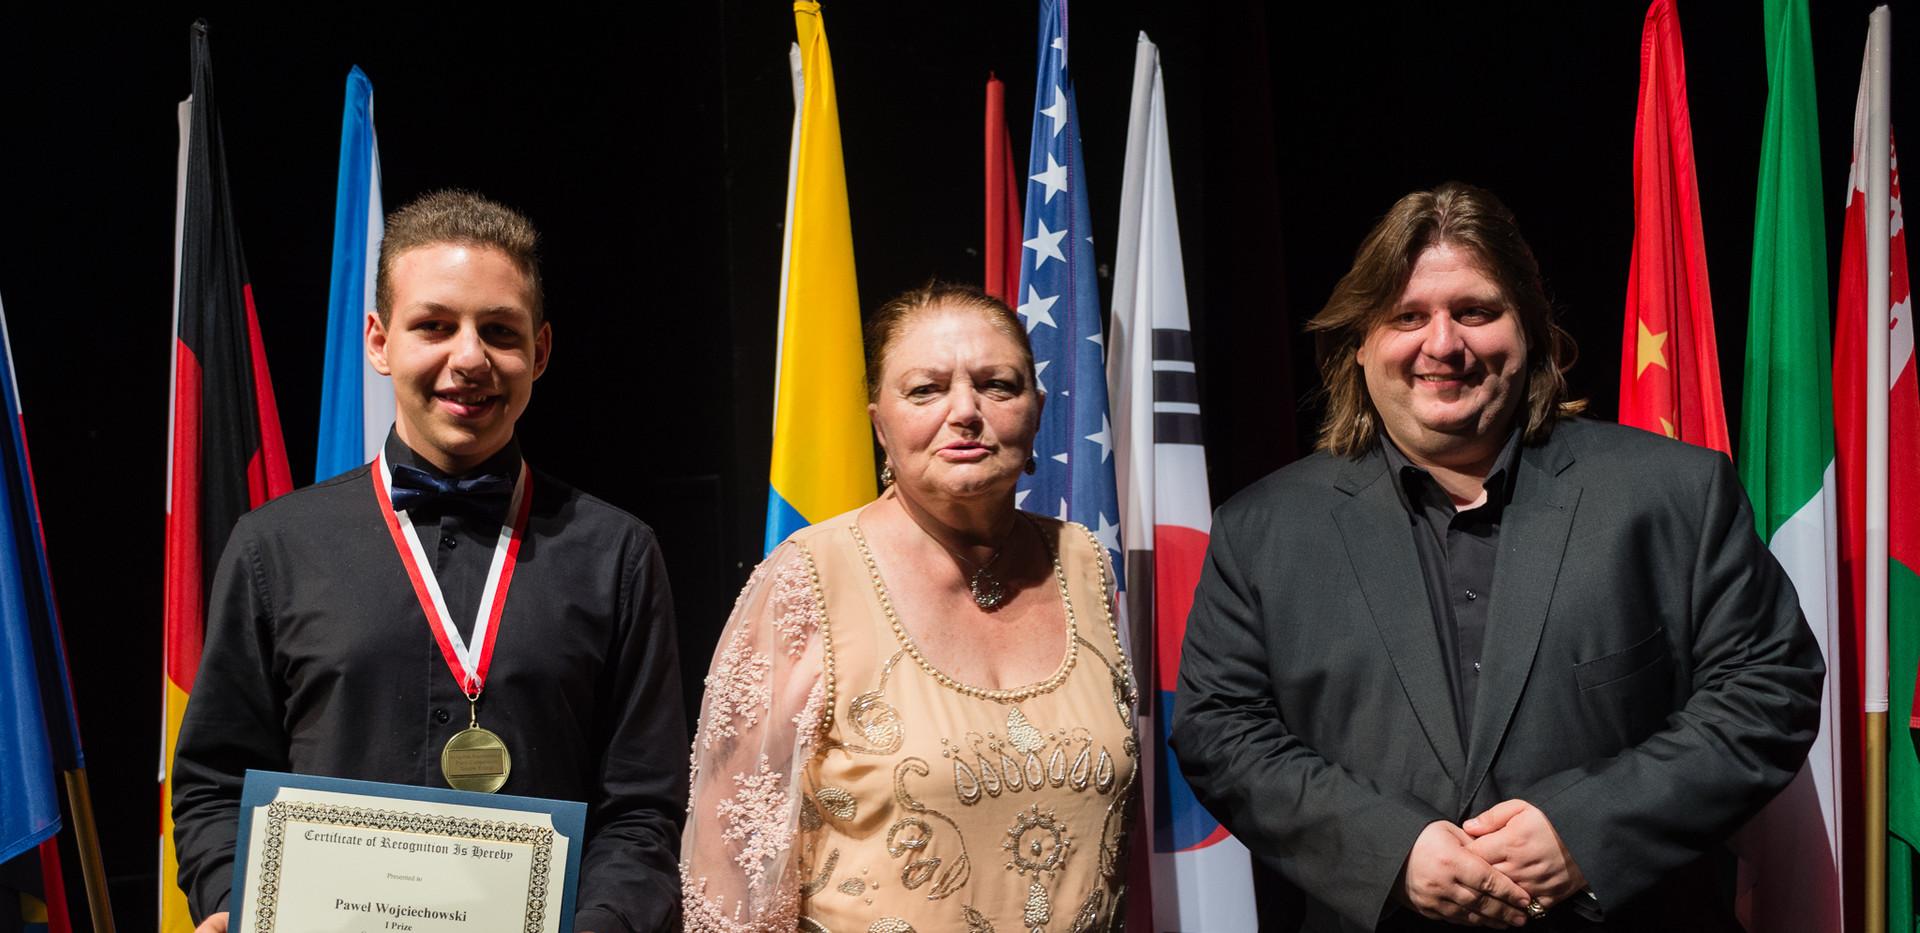 Paweł Wojciechowski, Polska Oxana Yablonskaya, Krystian Tkaczewski